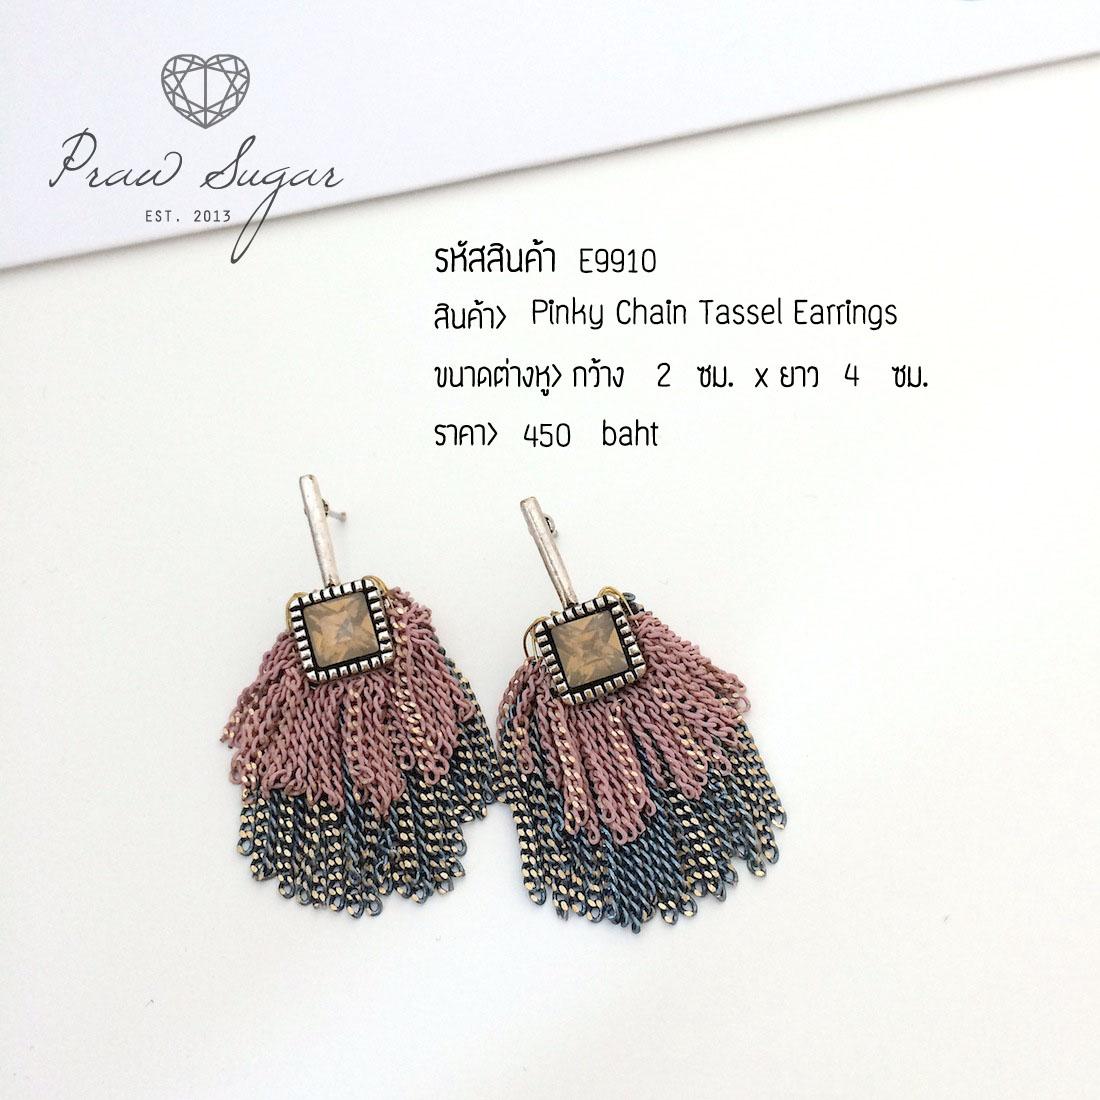 Pinky Chain Tassel Earrings